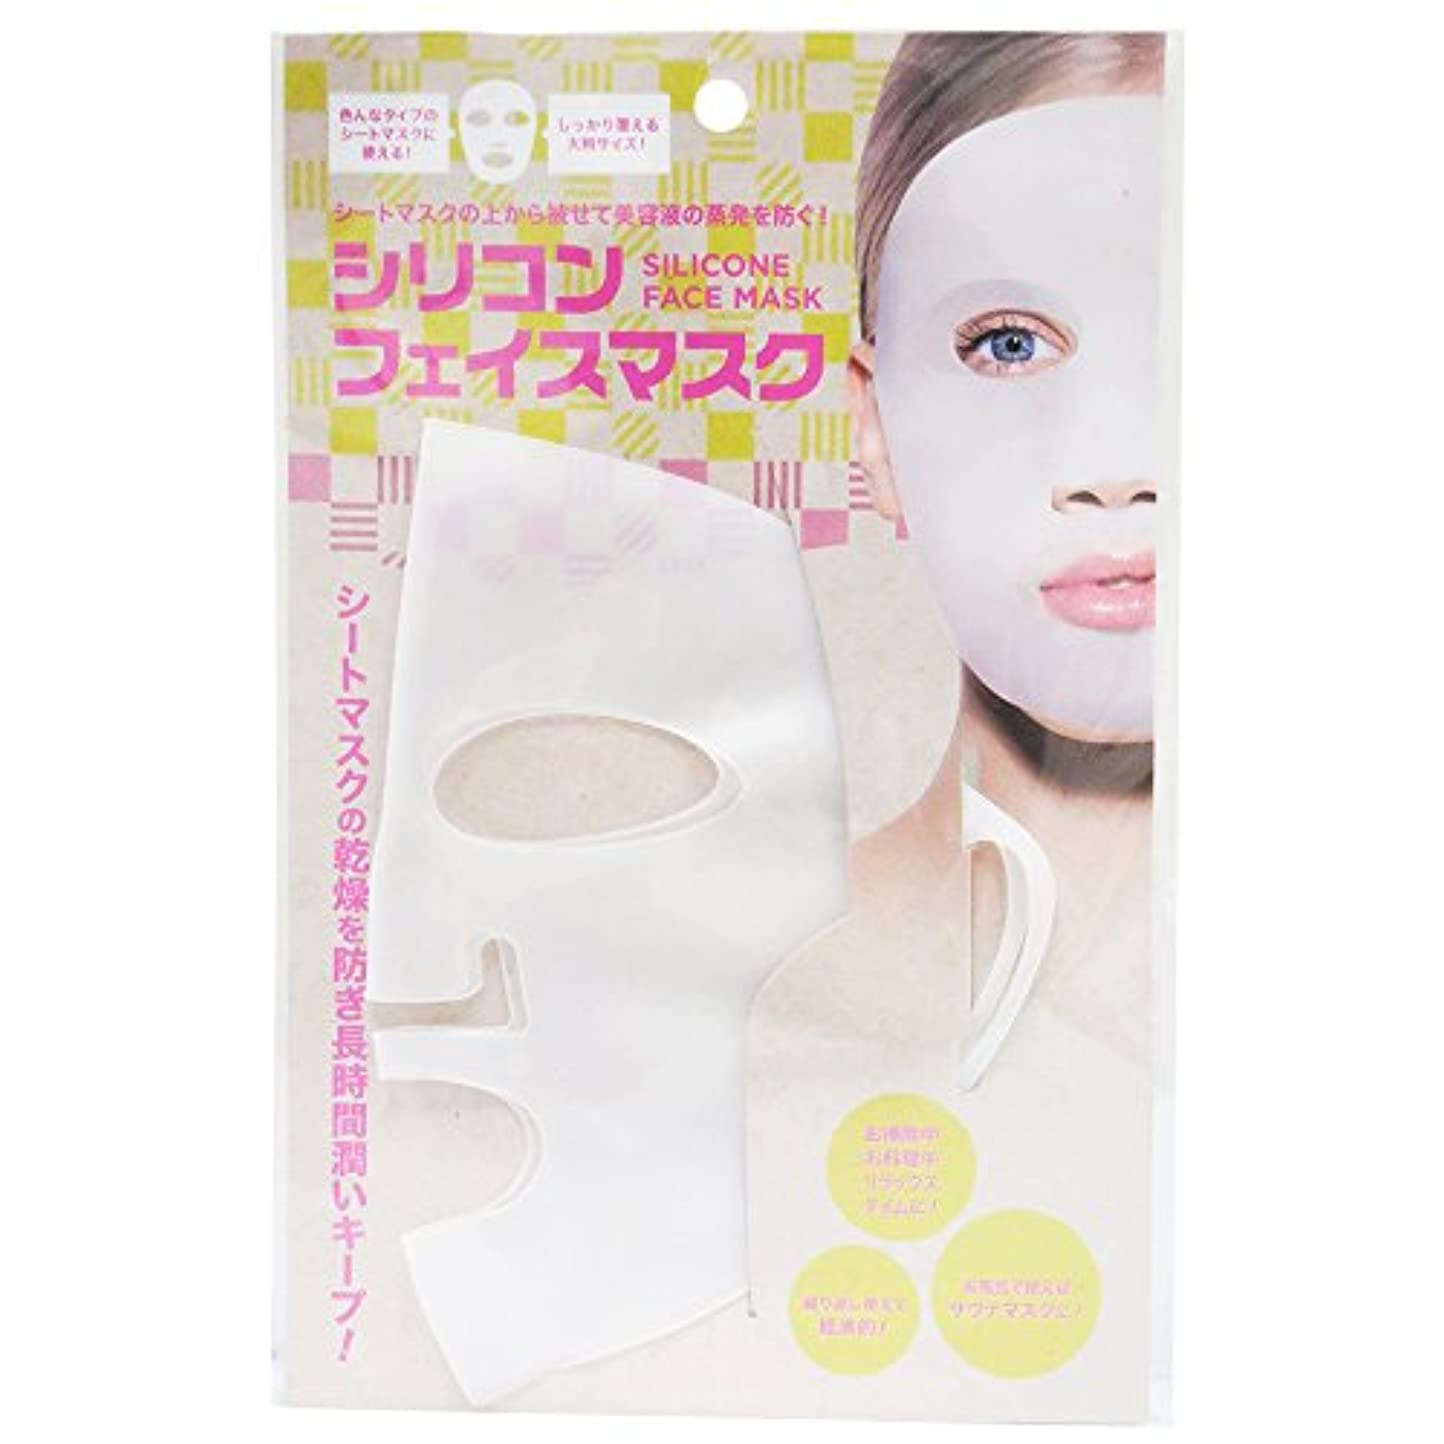 それにもかかわらず頬骨きらめくシリコンフェイスマスク